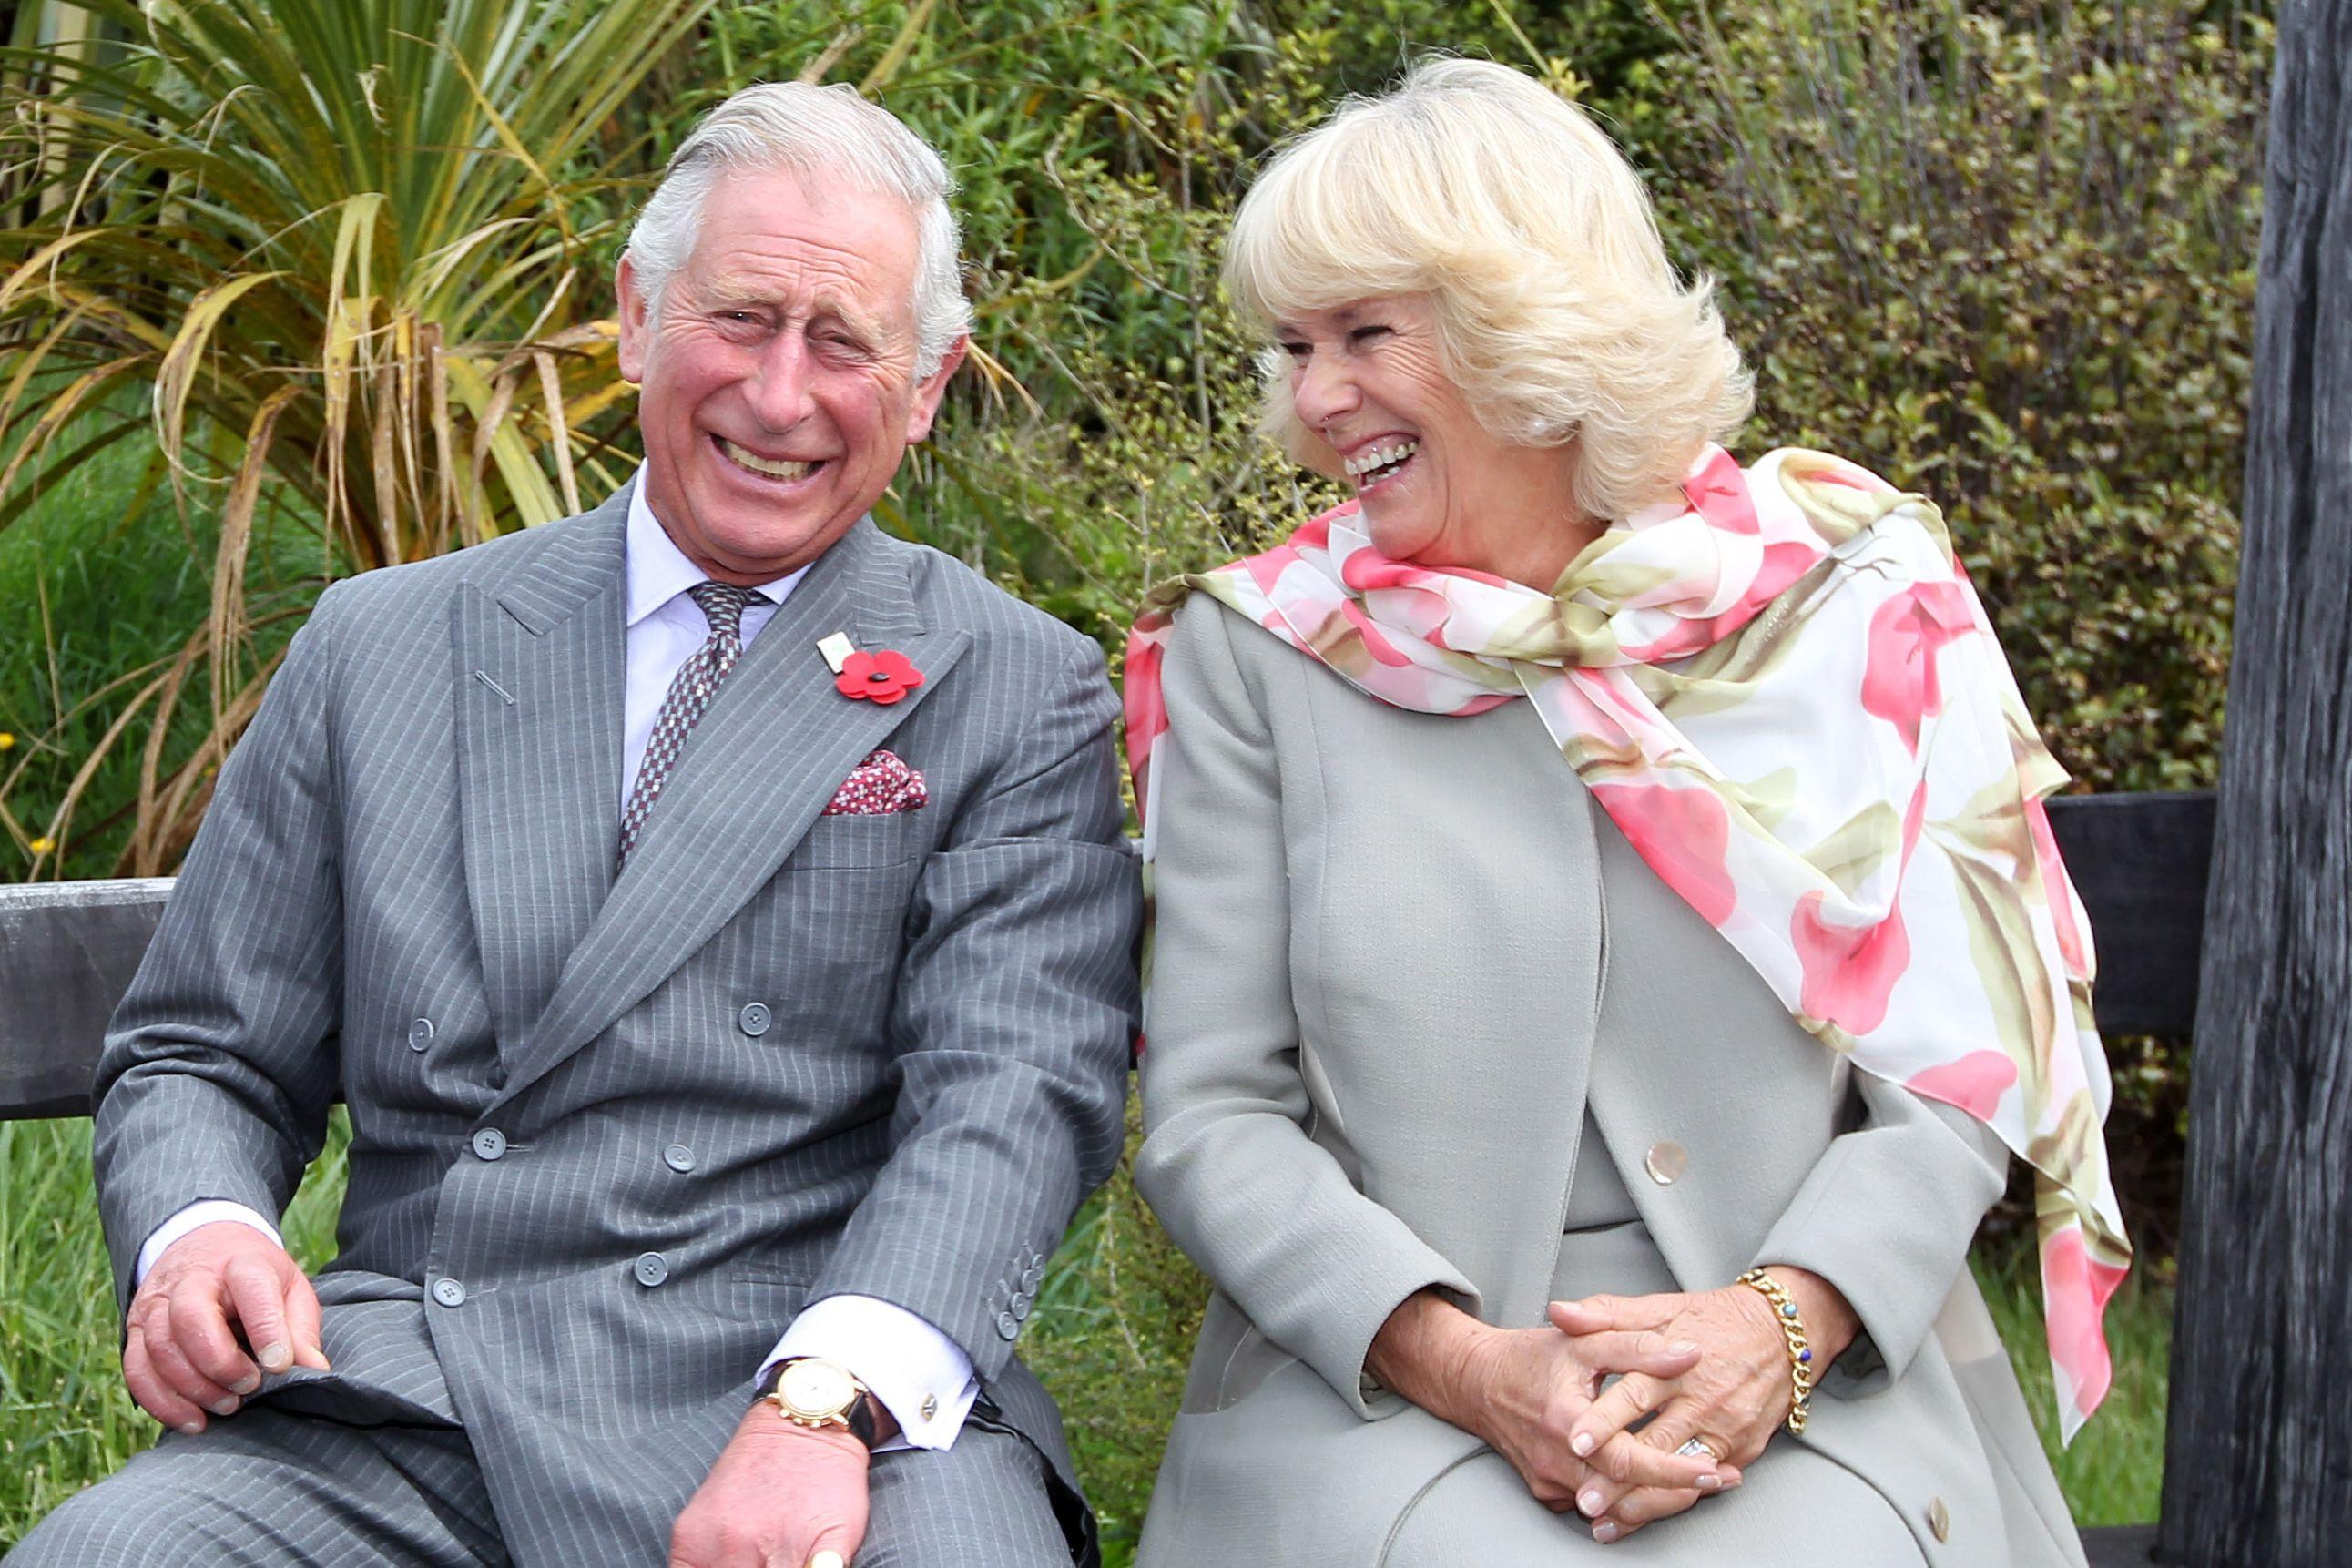 Príncipe Carlos e Camilla assinalam 14 anos de casamento com foto oficial